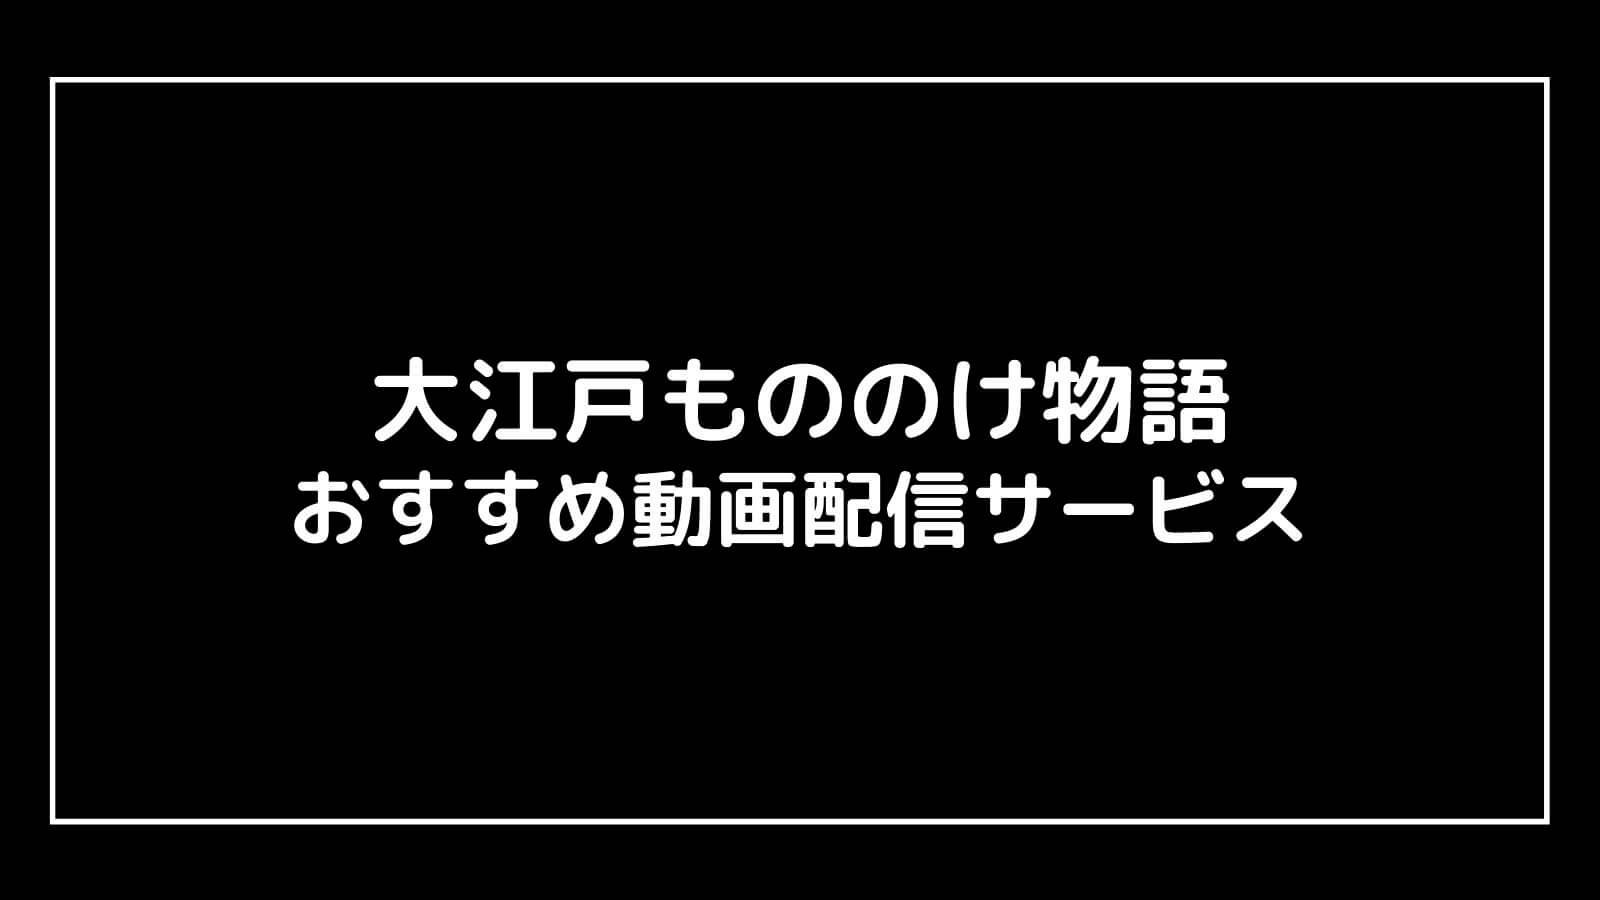 ドラマ『大江戸もののけ物語』の見逃し動画配信を無料視聴できるおすすめサブスクまとめ